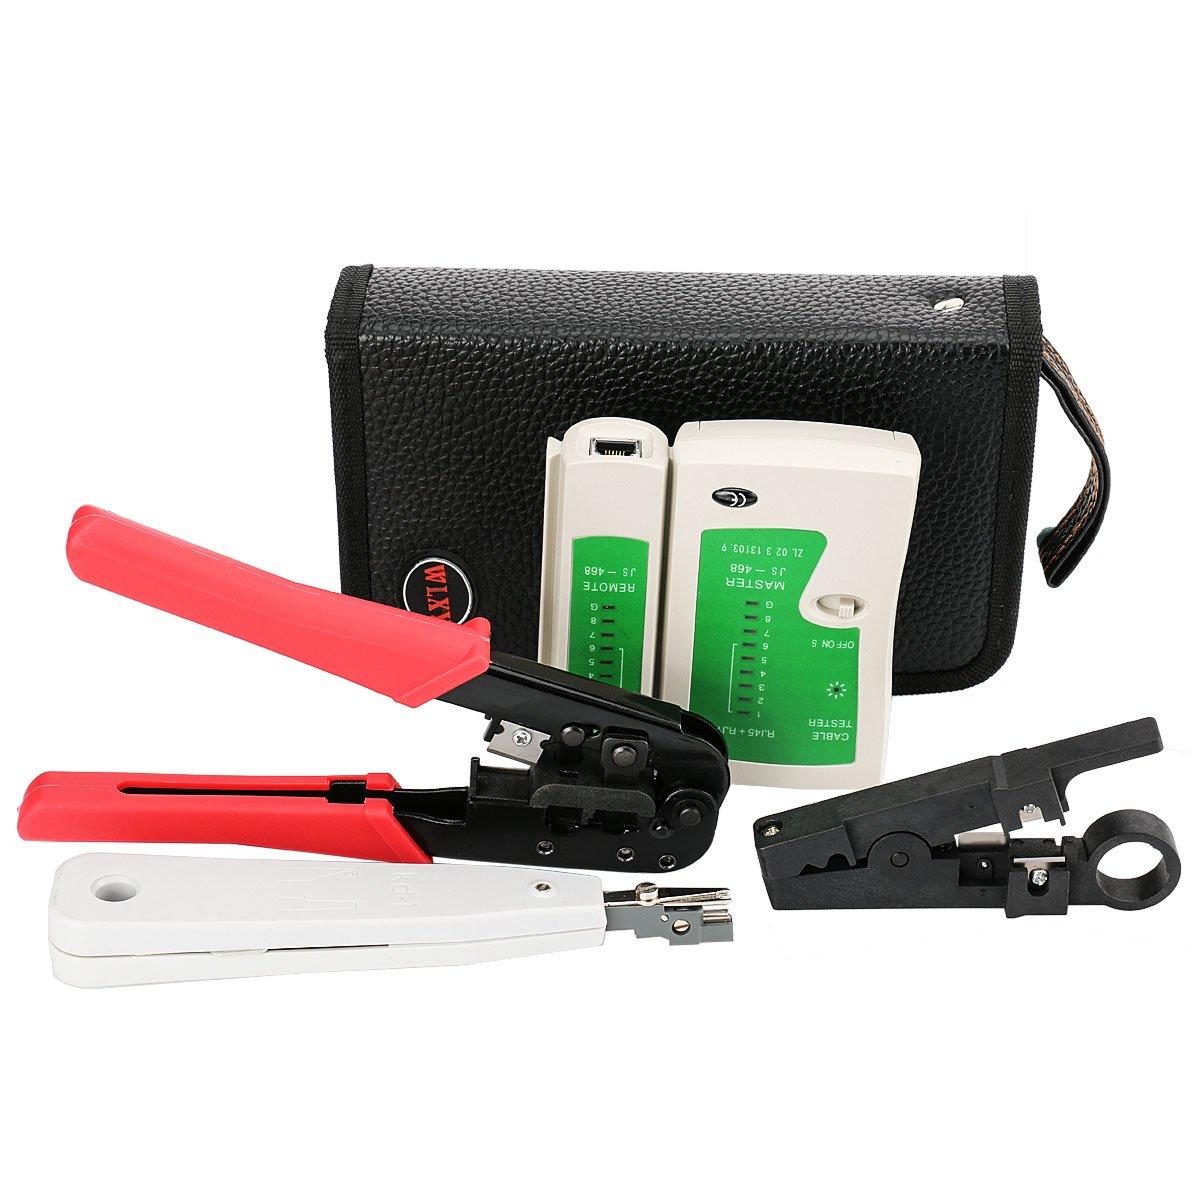 Incutex kit de herramientas de red, crimpadora, tester de cables, conector de red, cortador de cable LAN, Punch down Tool LSA con herramientas de corte